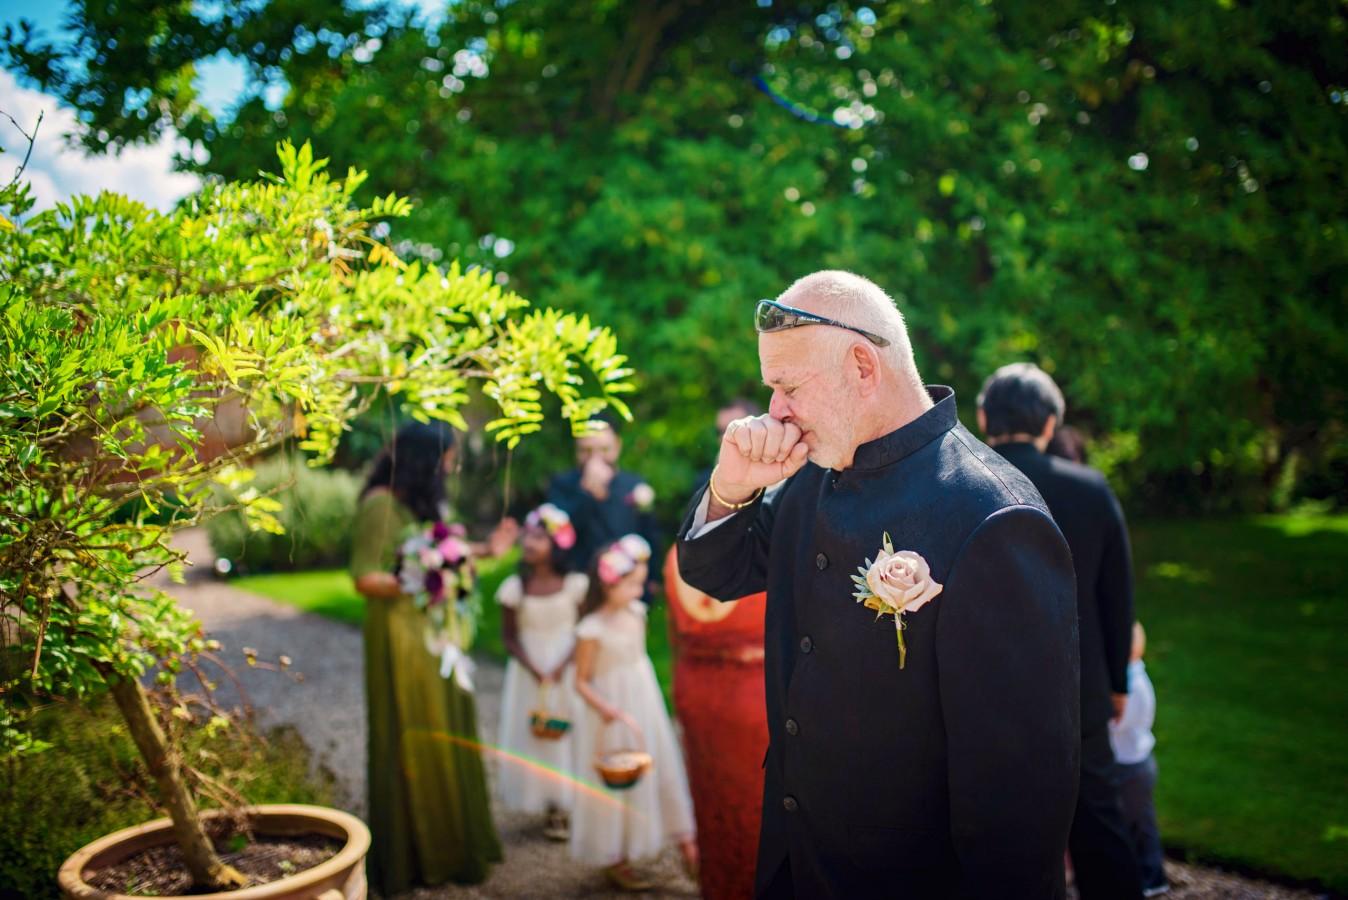 Hampshire Wedding Photographer - GK Photography-197